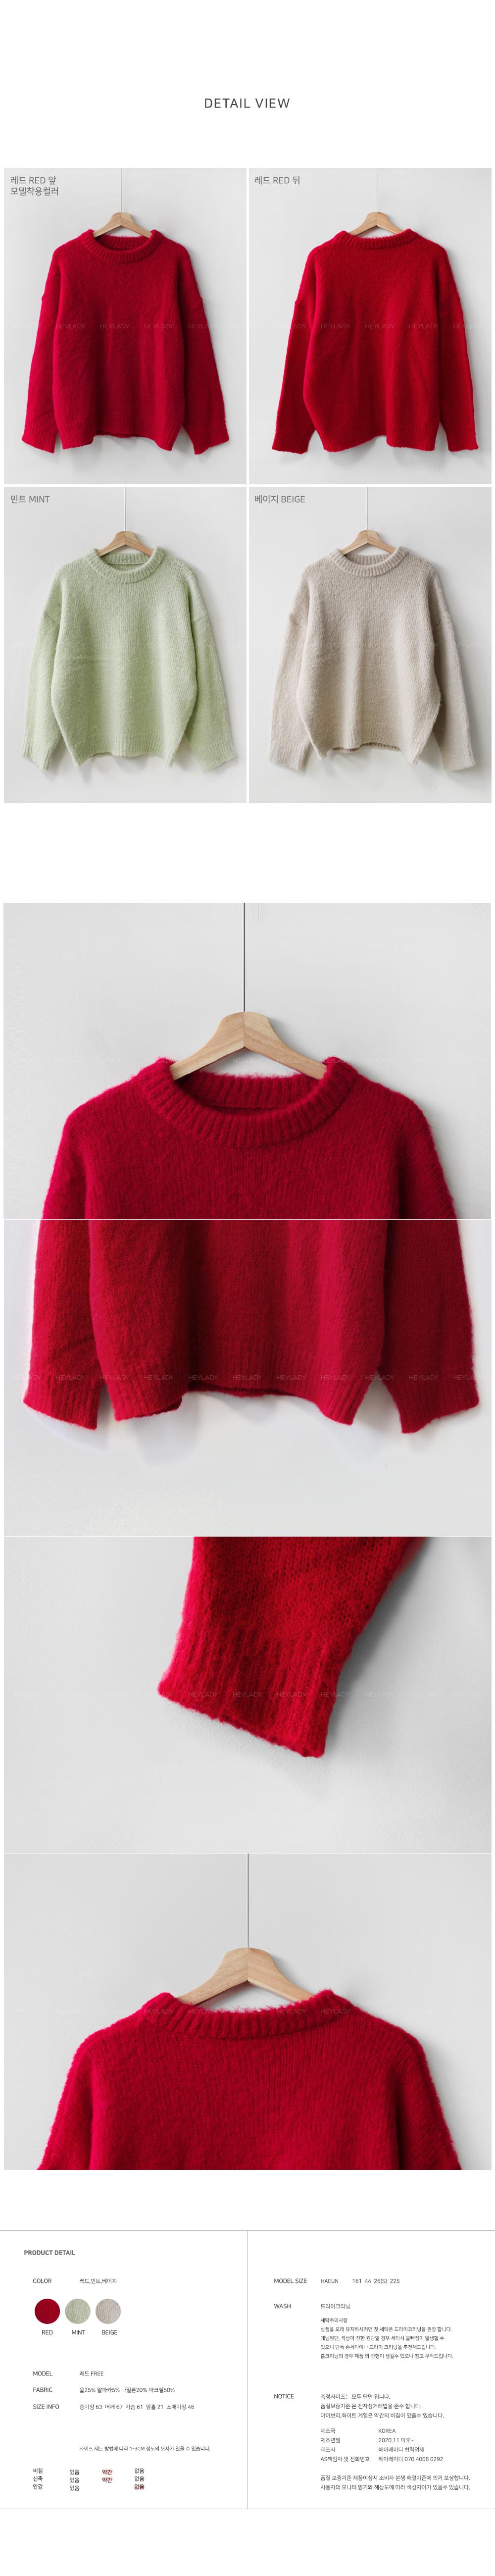 Bohemian alpaca knit